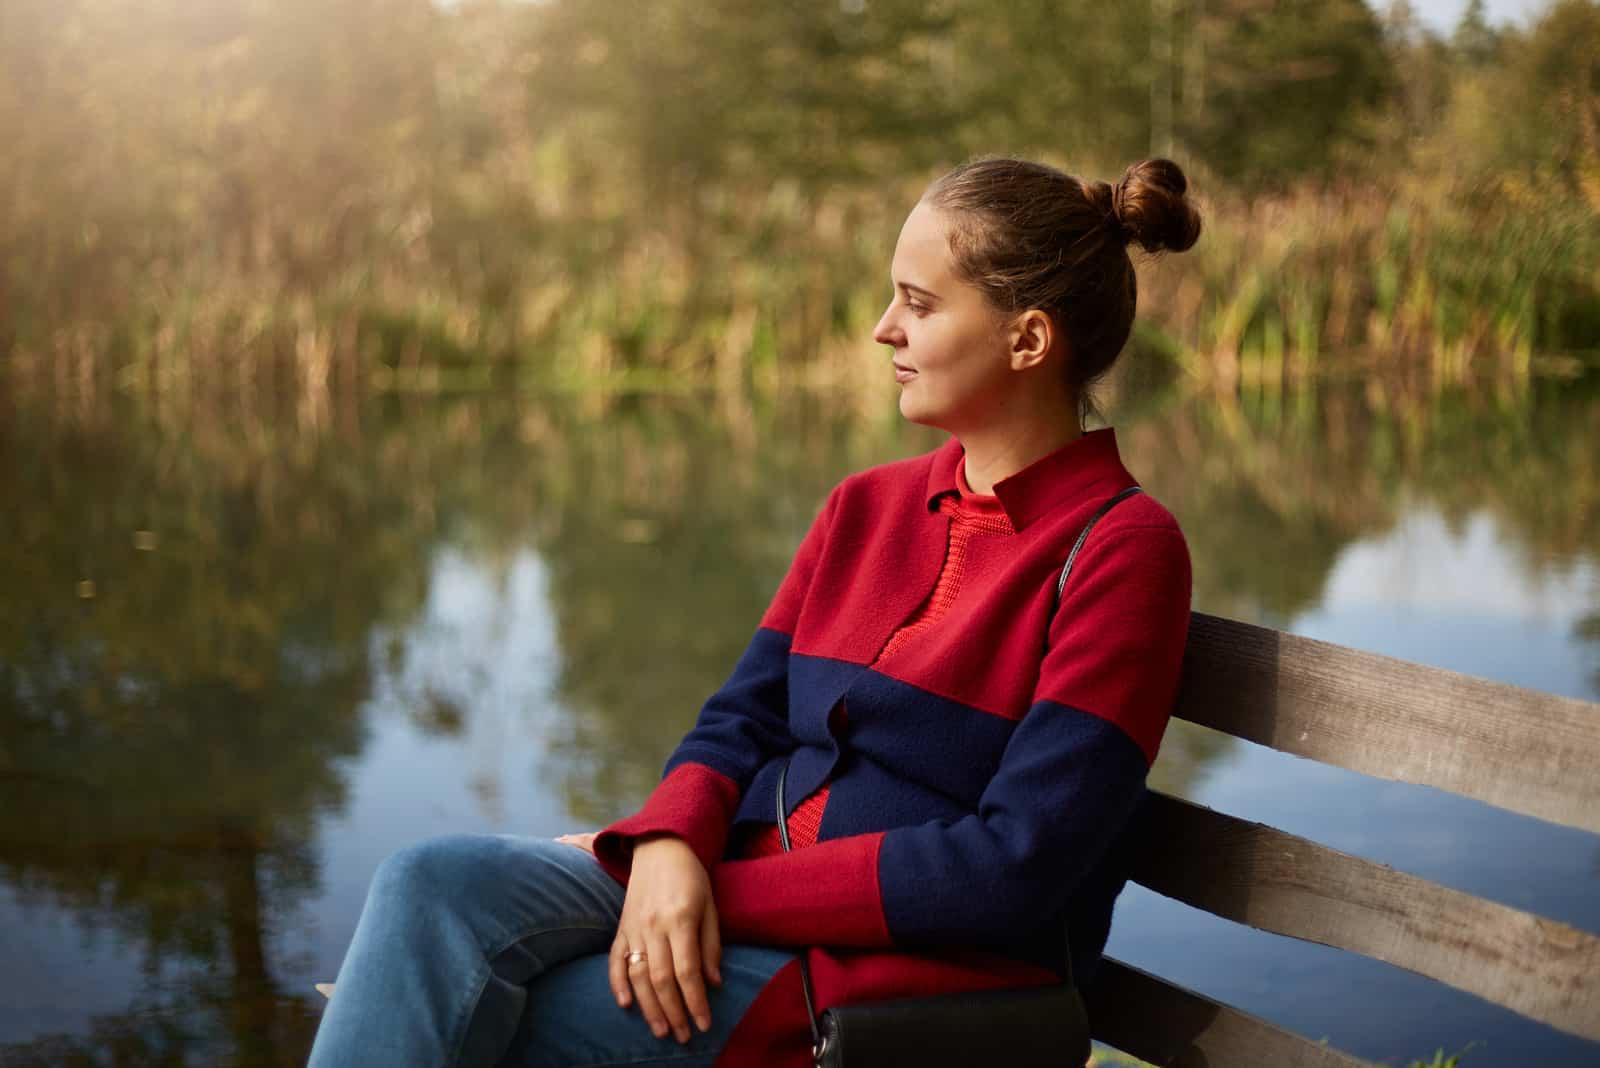 femme pensive assis sur un banc en bois